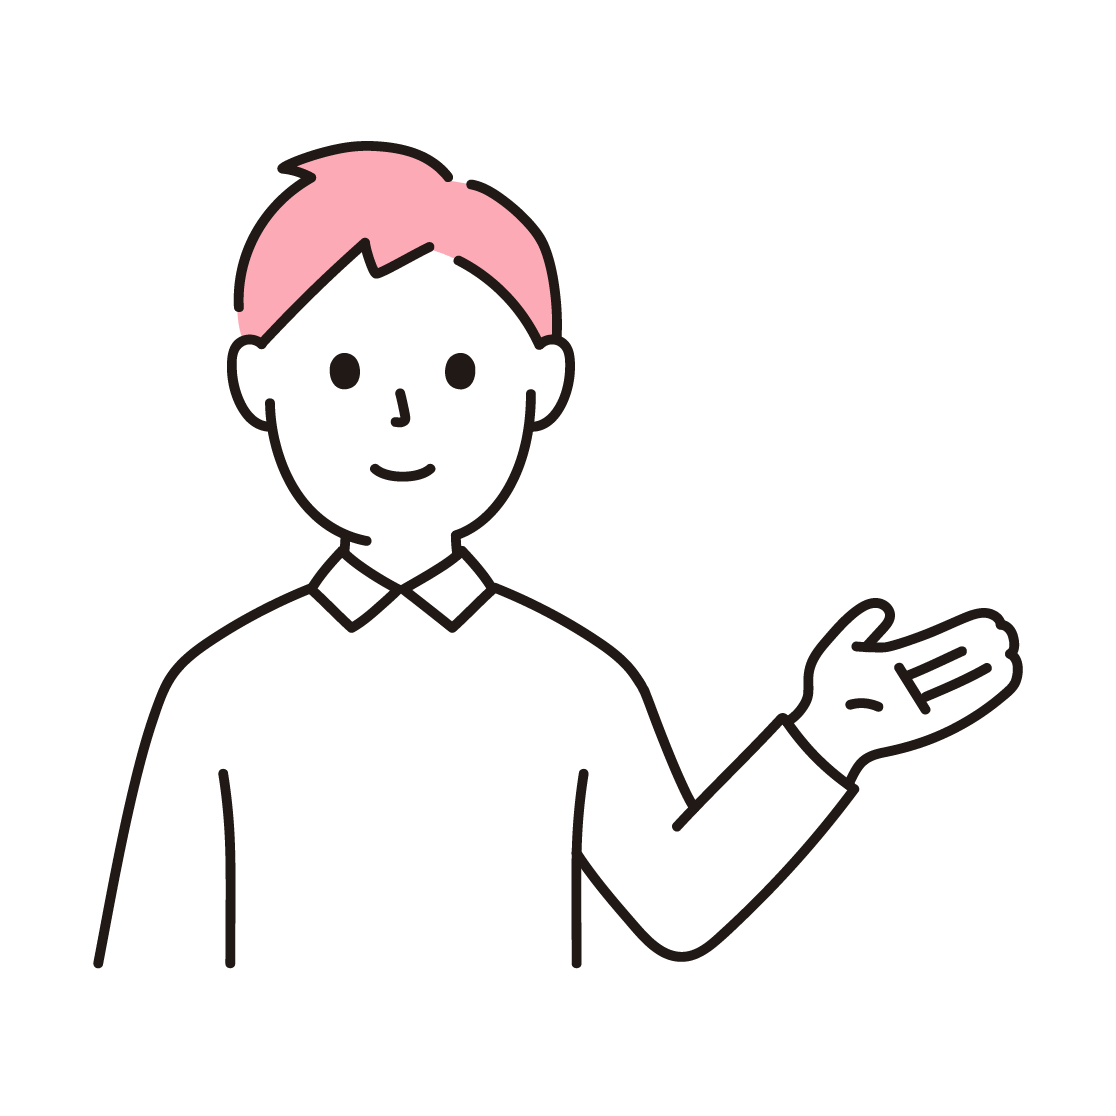 案内する男性の単色イラスト